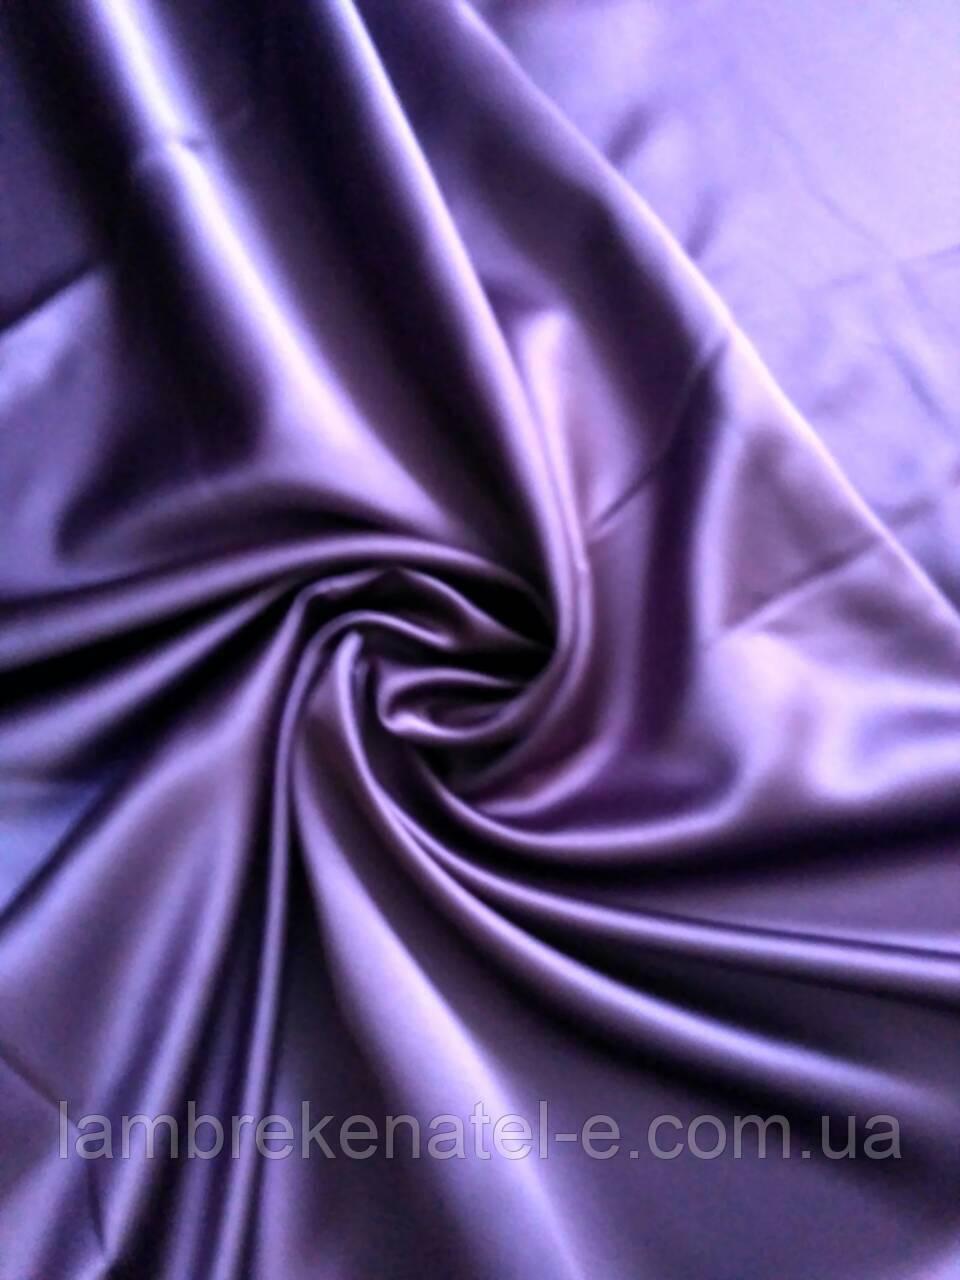 Шторы портьеры в зал, спальню блэкаут 100%  светонепроницаемые, производство Турция